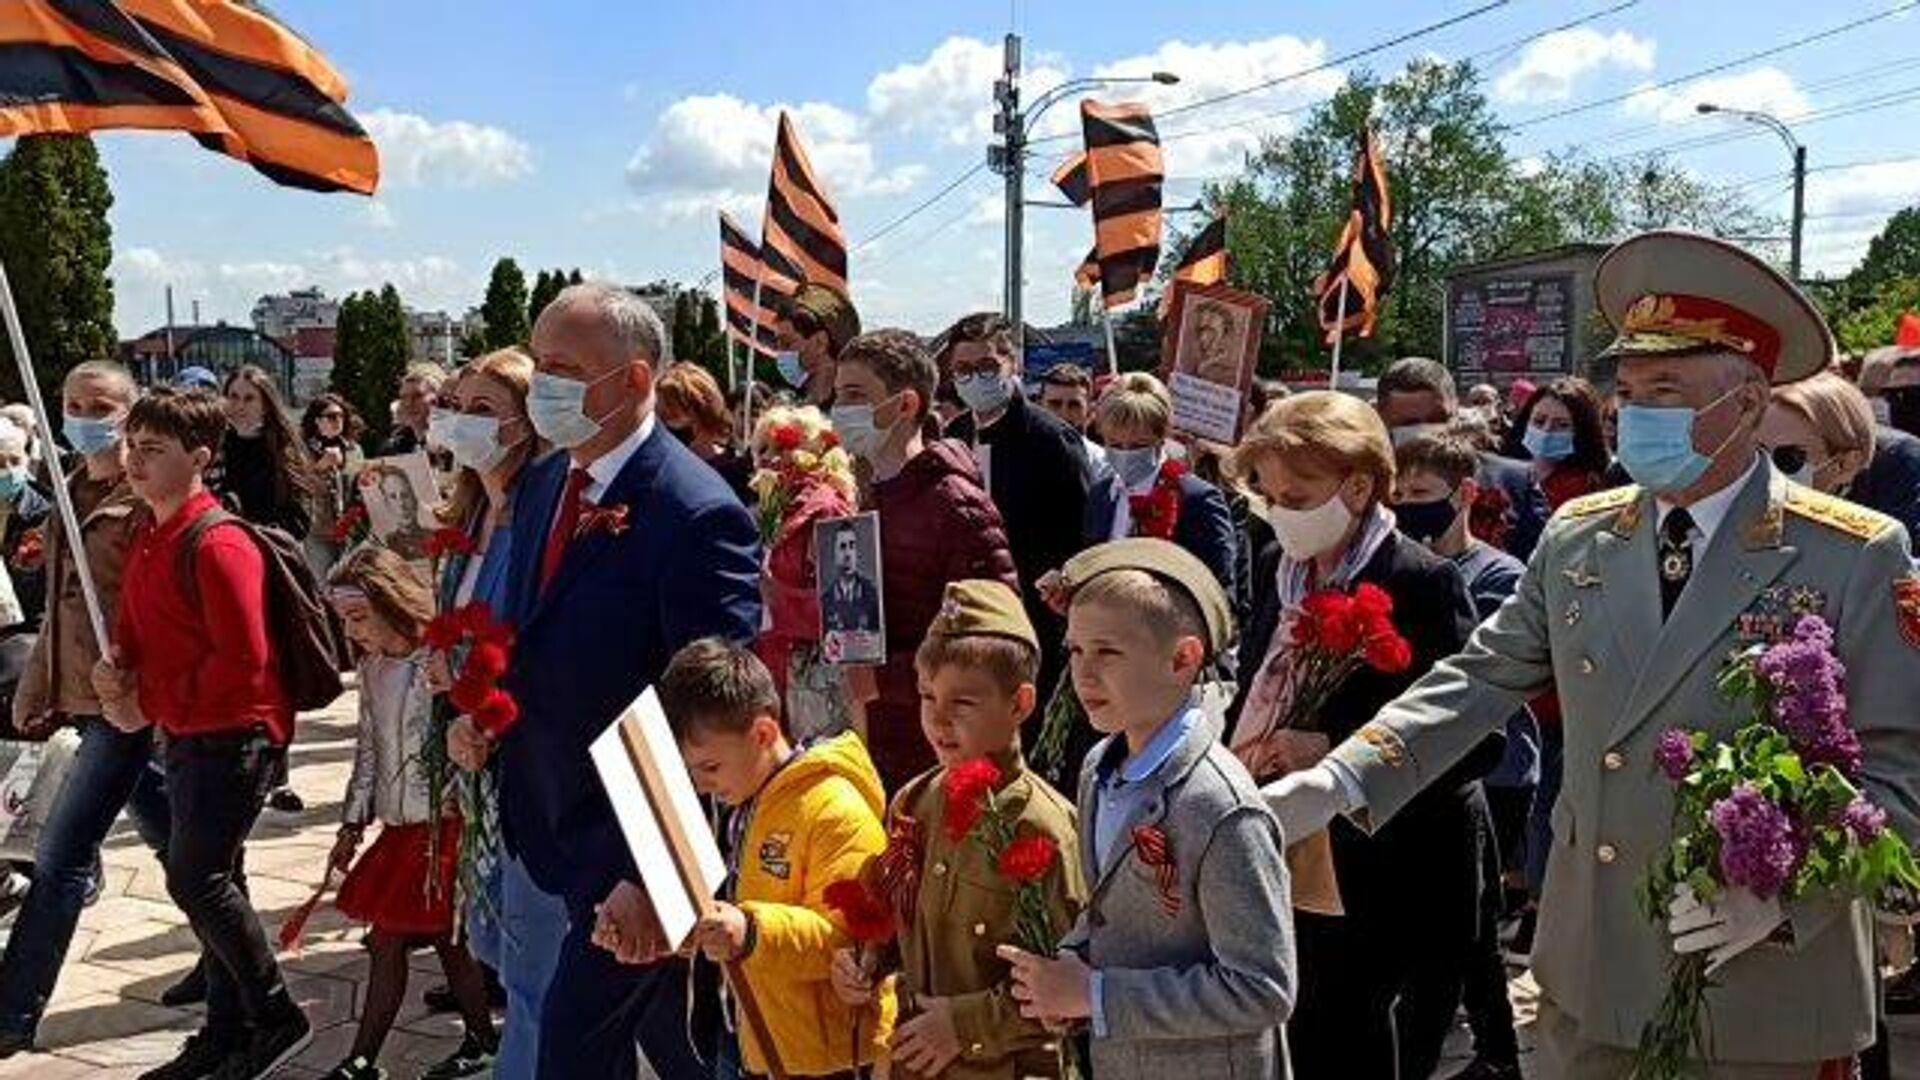 Шествие Бессмертного полка в Кишиневе   - РИА Новости, 1920, 09.05.2021